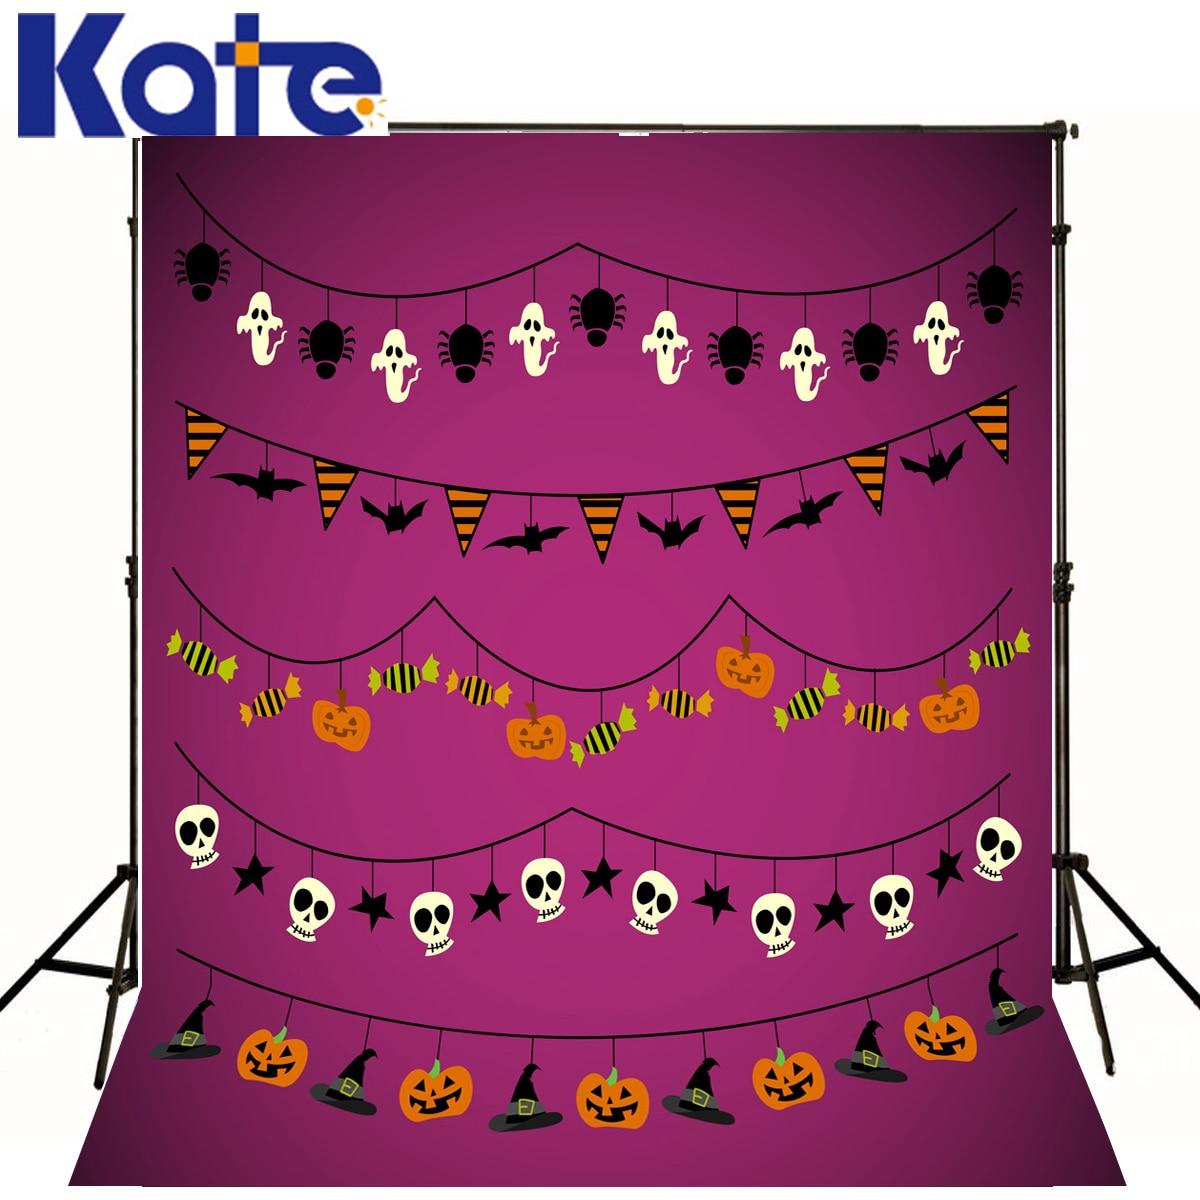 Photo Décors Mur Violet Crâne Photographie Décors Halloween Fantôme Chauve-Souris Drapeau Bonbons Photo Studio Fond Toile de Fond